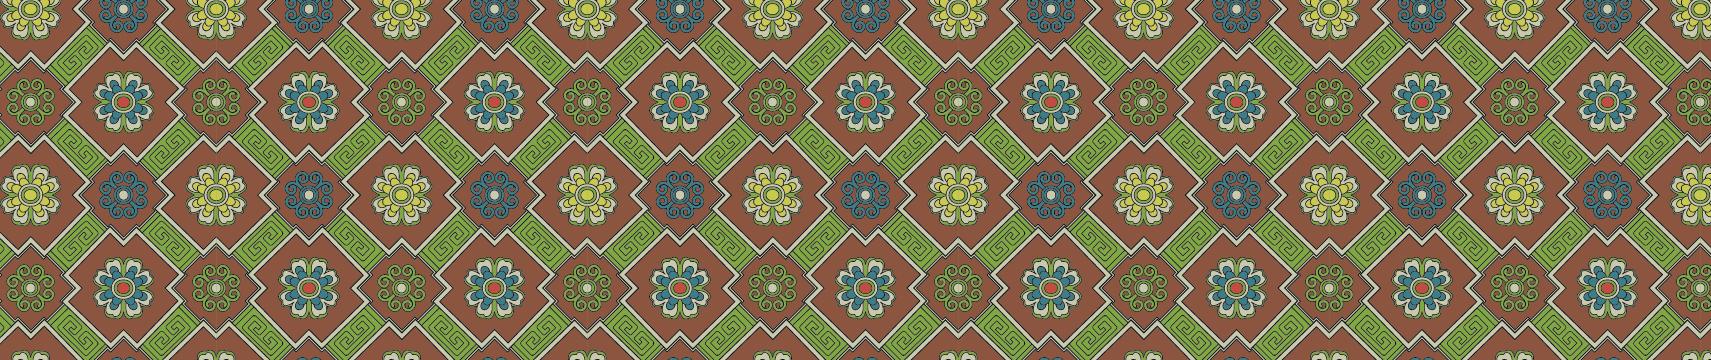 中国传统织锦图案与配色十三,矢